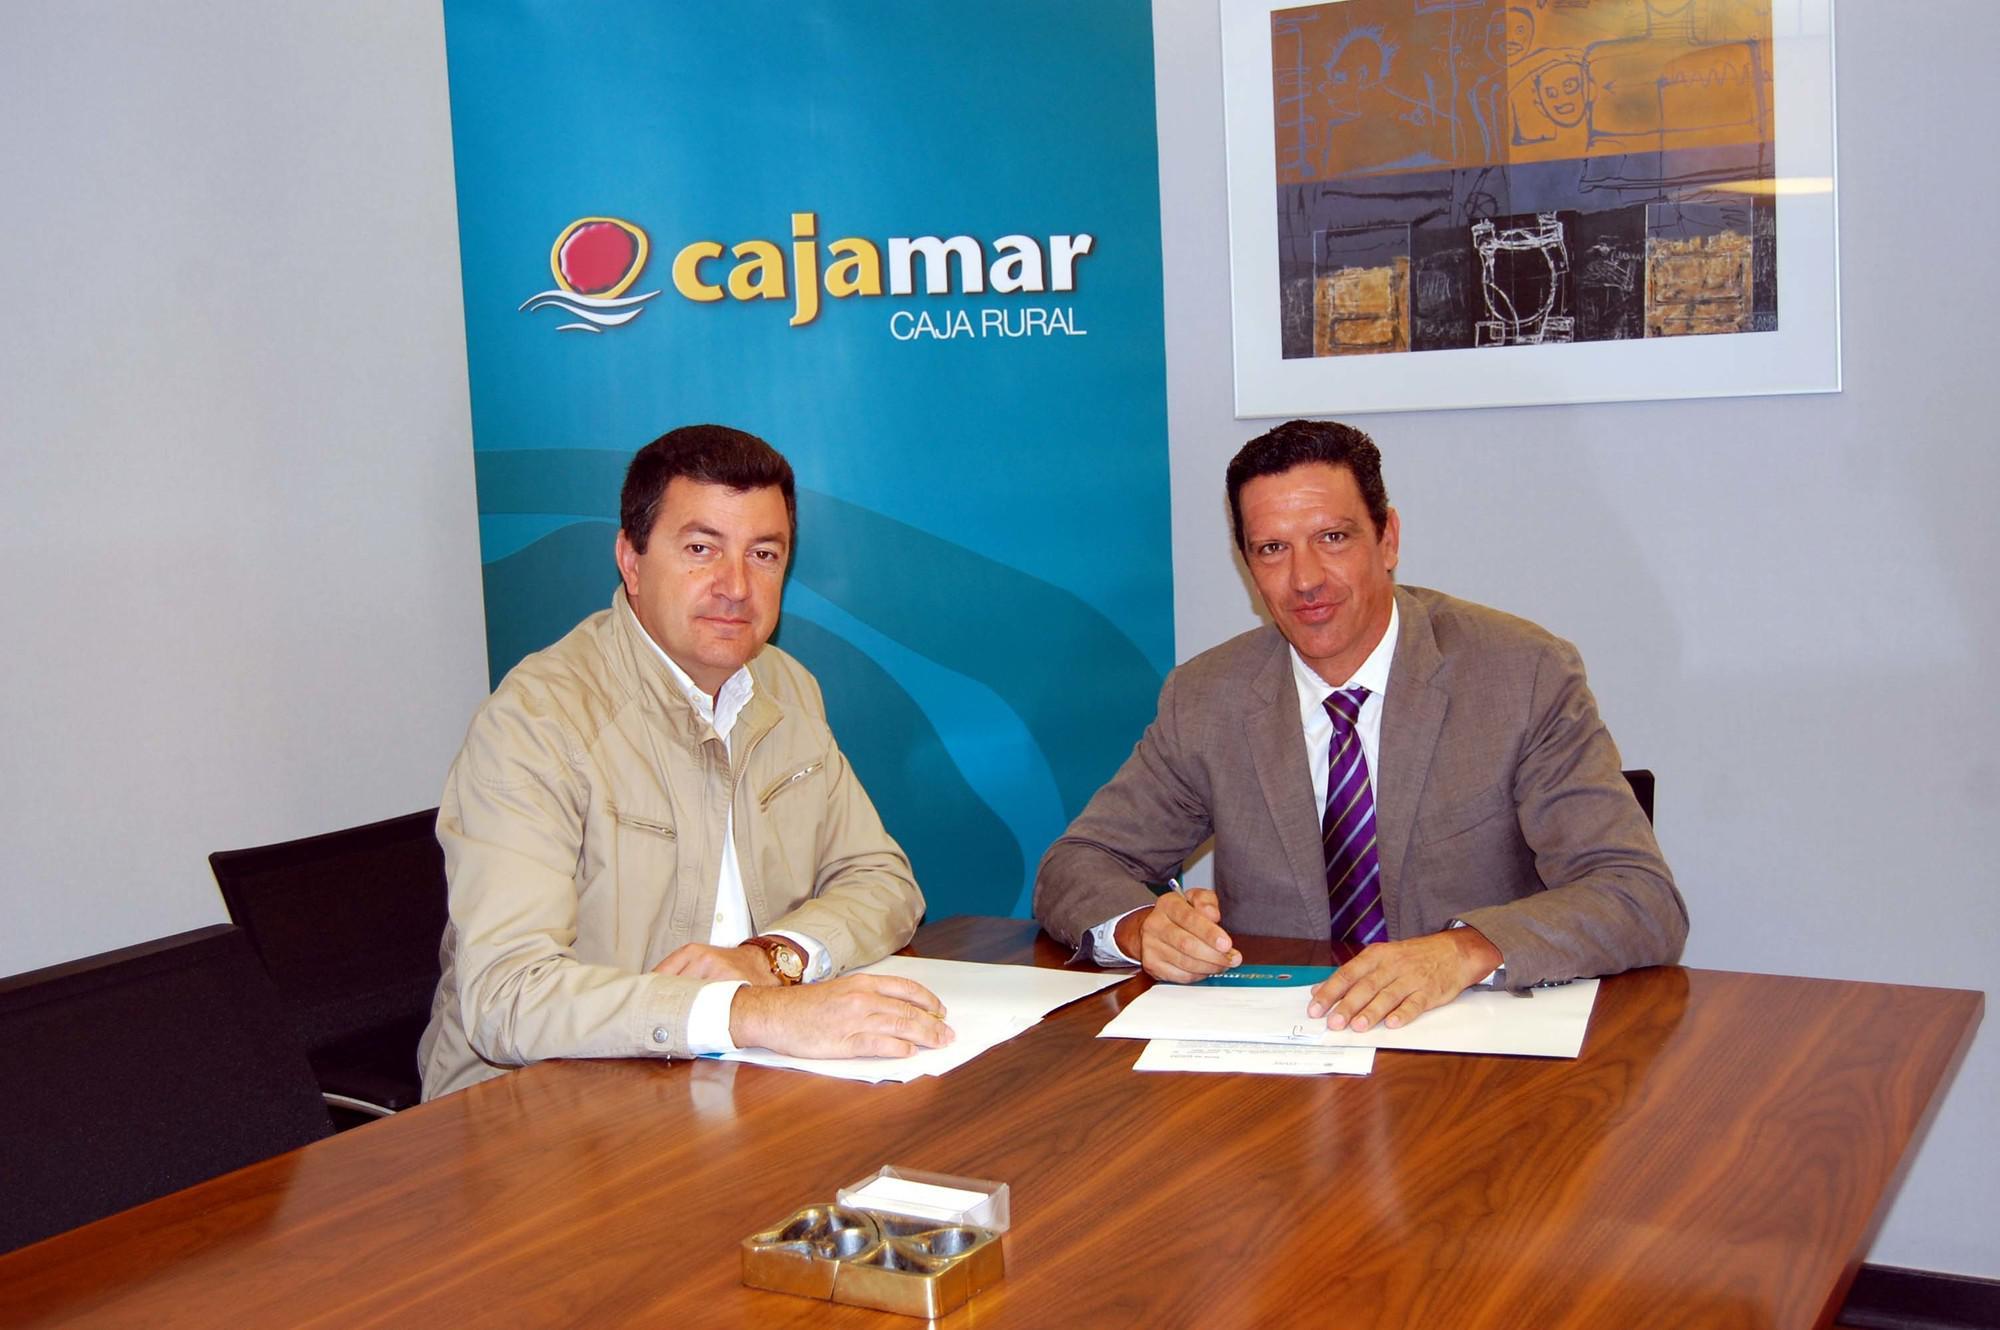 Cajamar ofrece financiación a la asociación de comerciantes del Parque Natural Cabo de Gata- Níjar